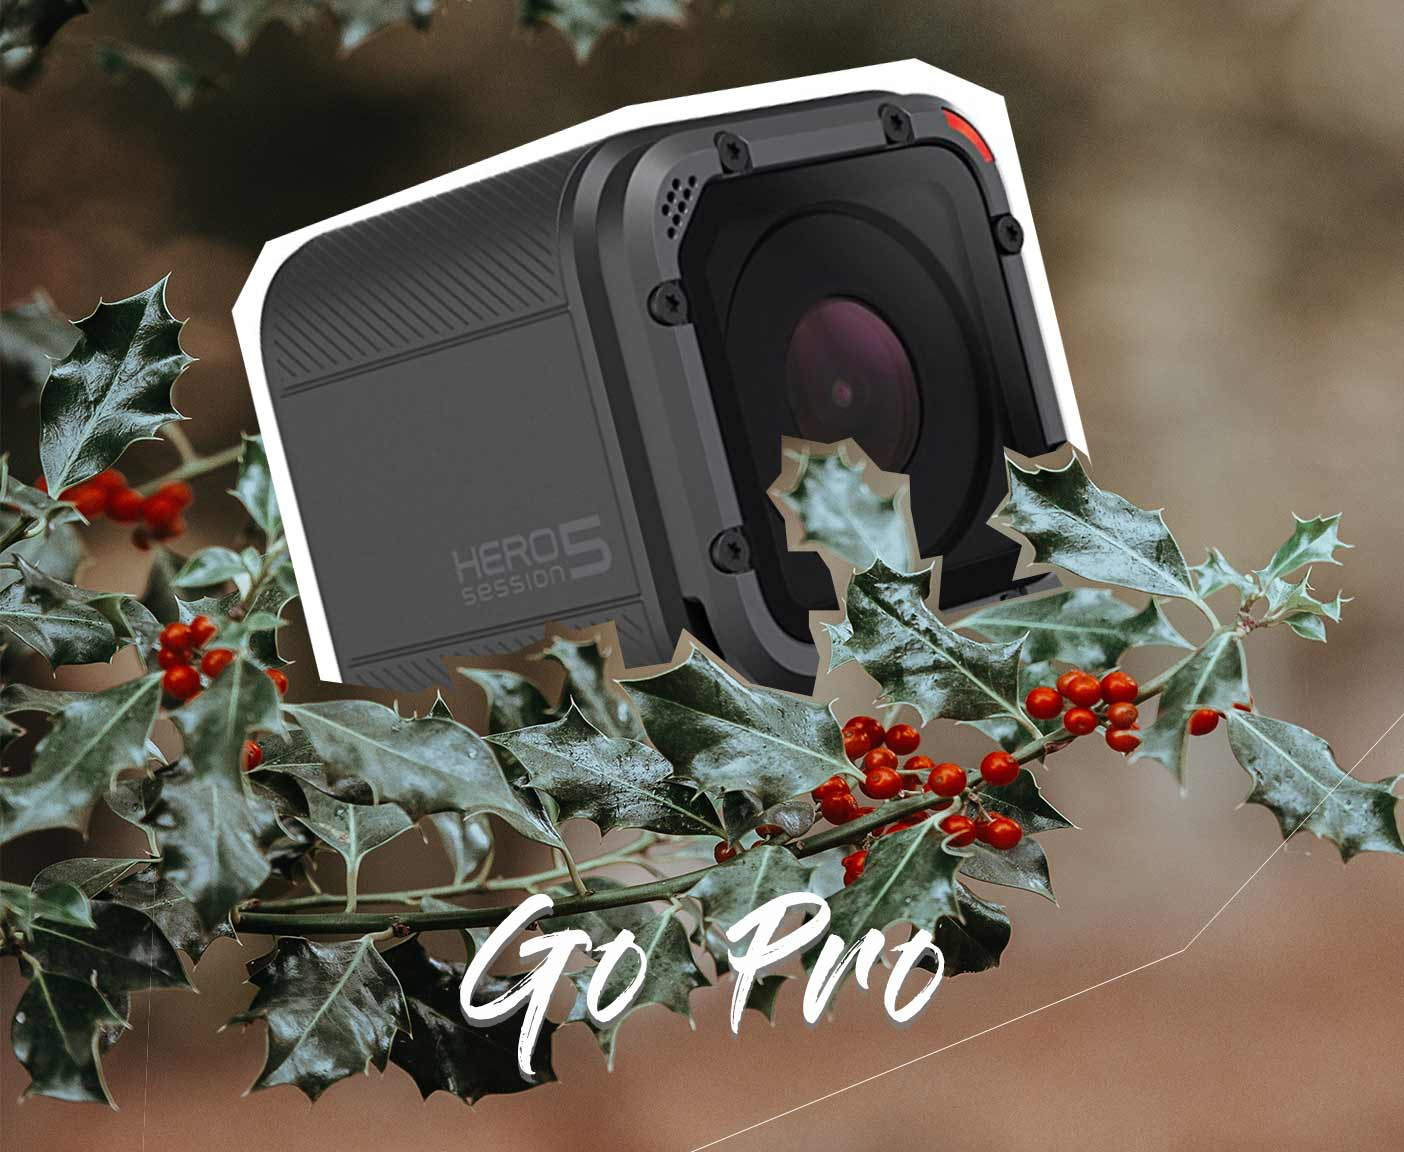 camper-geschenk-weihnachten-geschenkideen-wohnmobil-lustige-accessoires-geschenkkorb-camping-ideen-campen-geburtstag-camp-geschichten-vanlife-1-GoPro_8